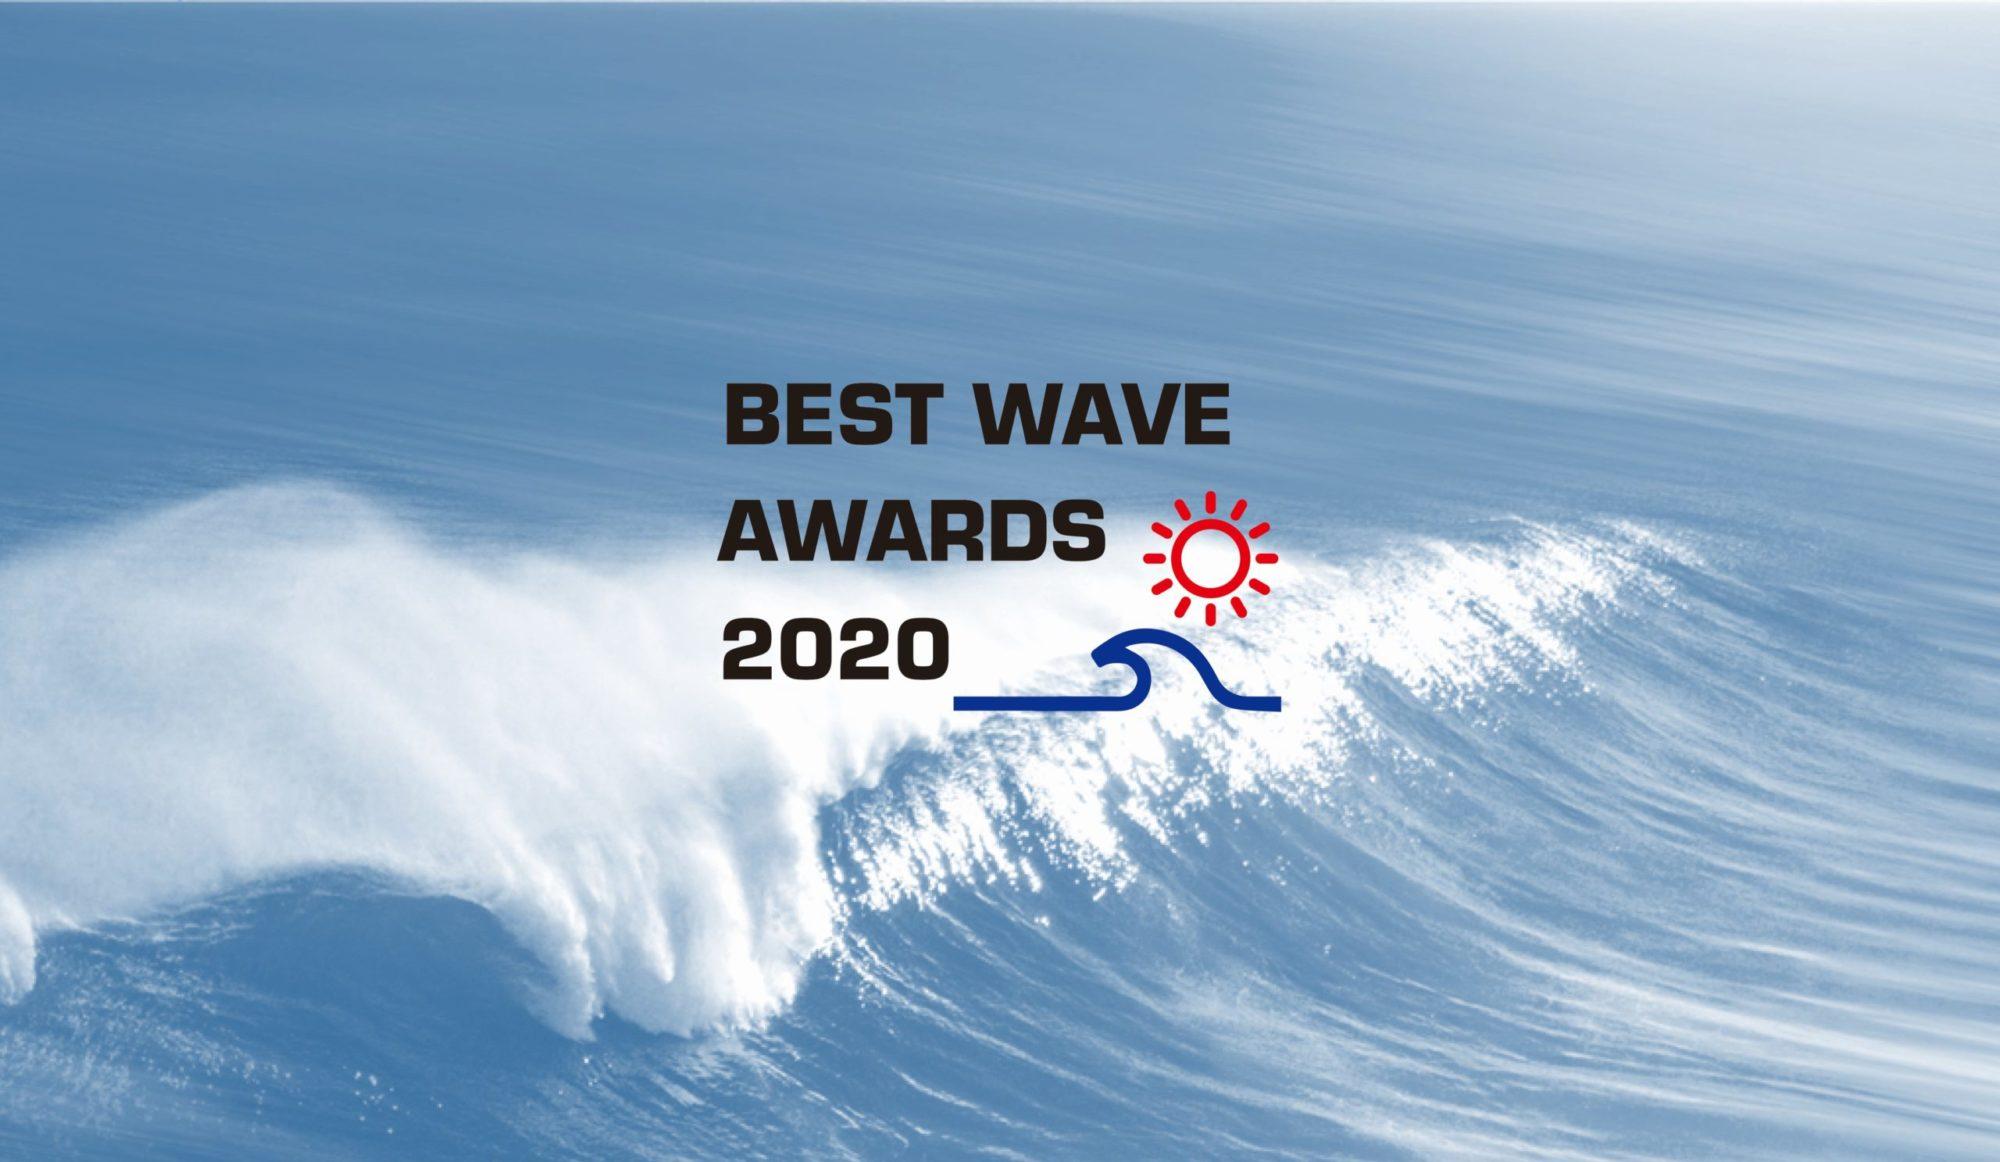 BEST WAVE AWARDS 2020